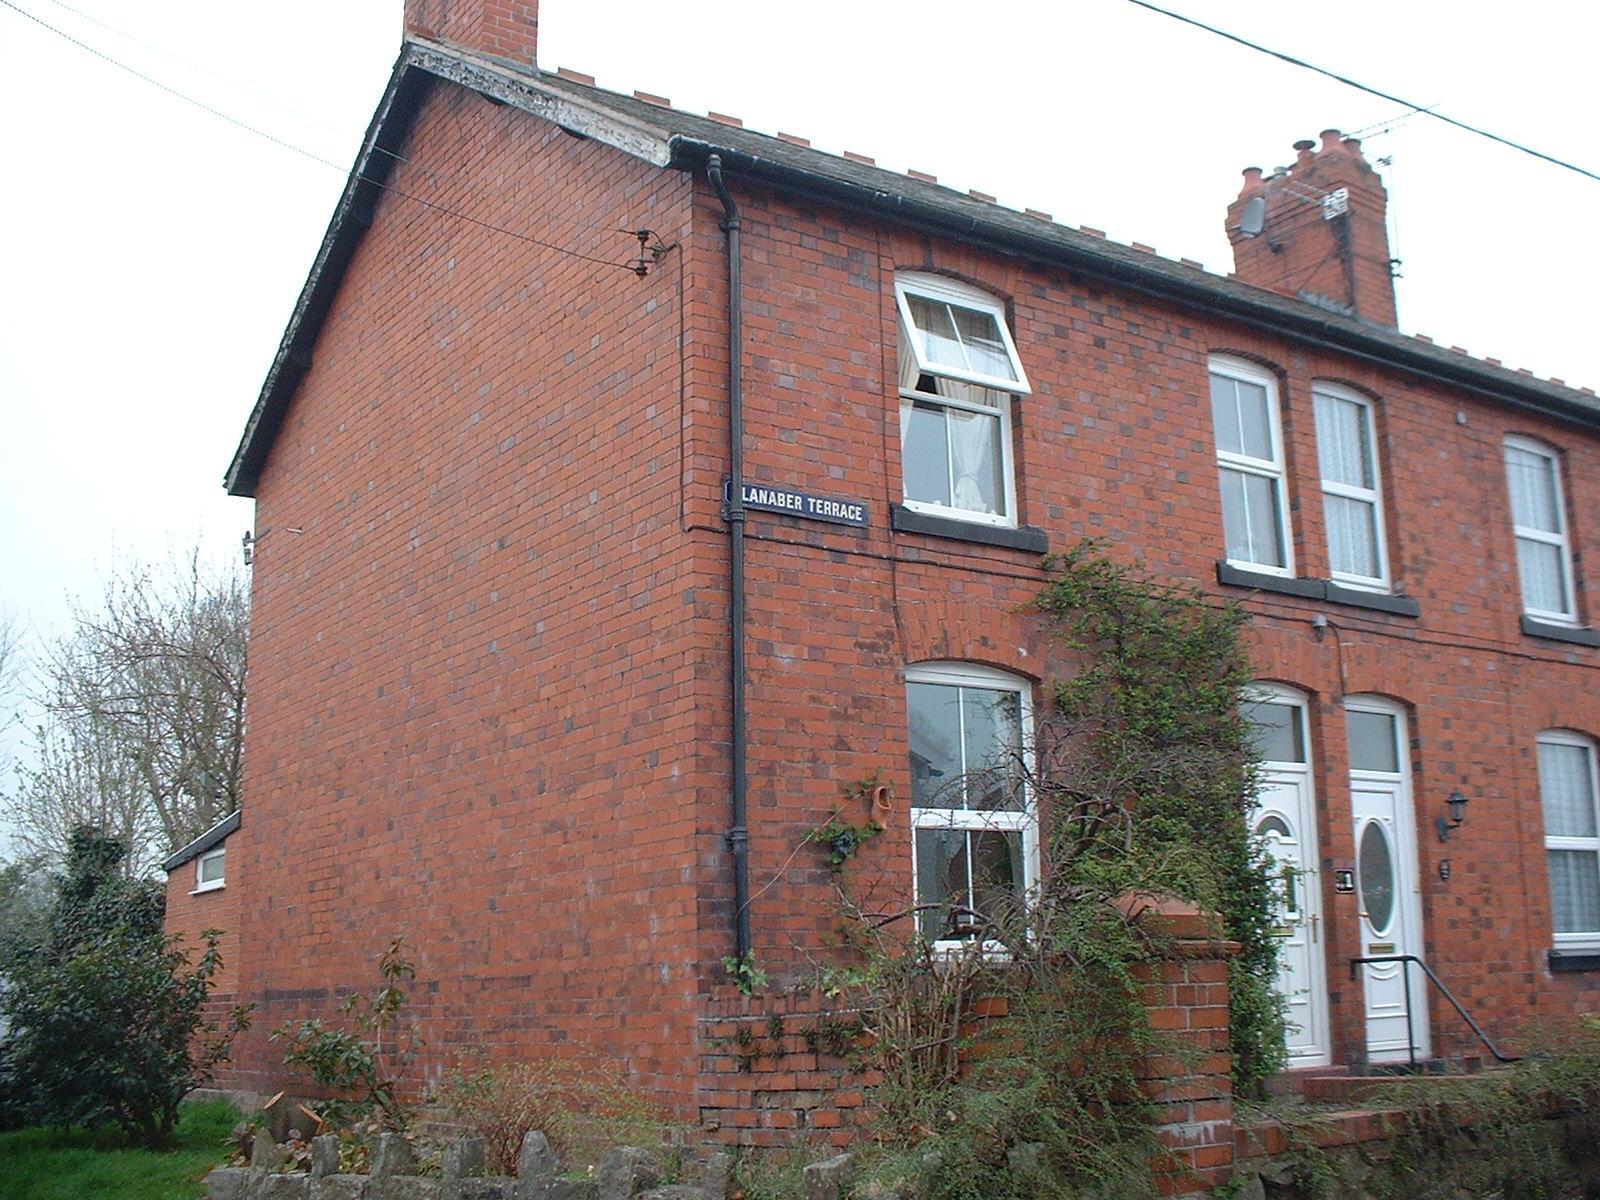 Glanaber Terrace Weston Rhyn